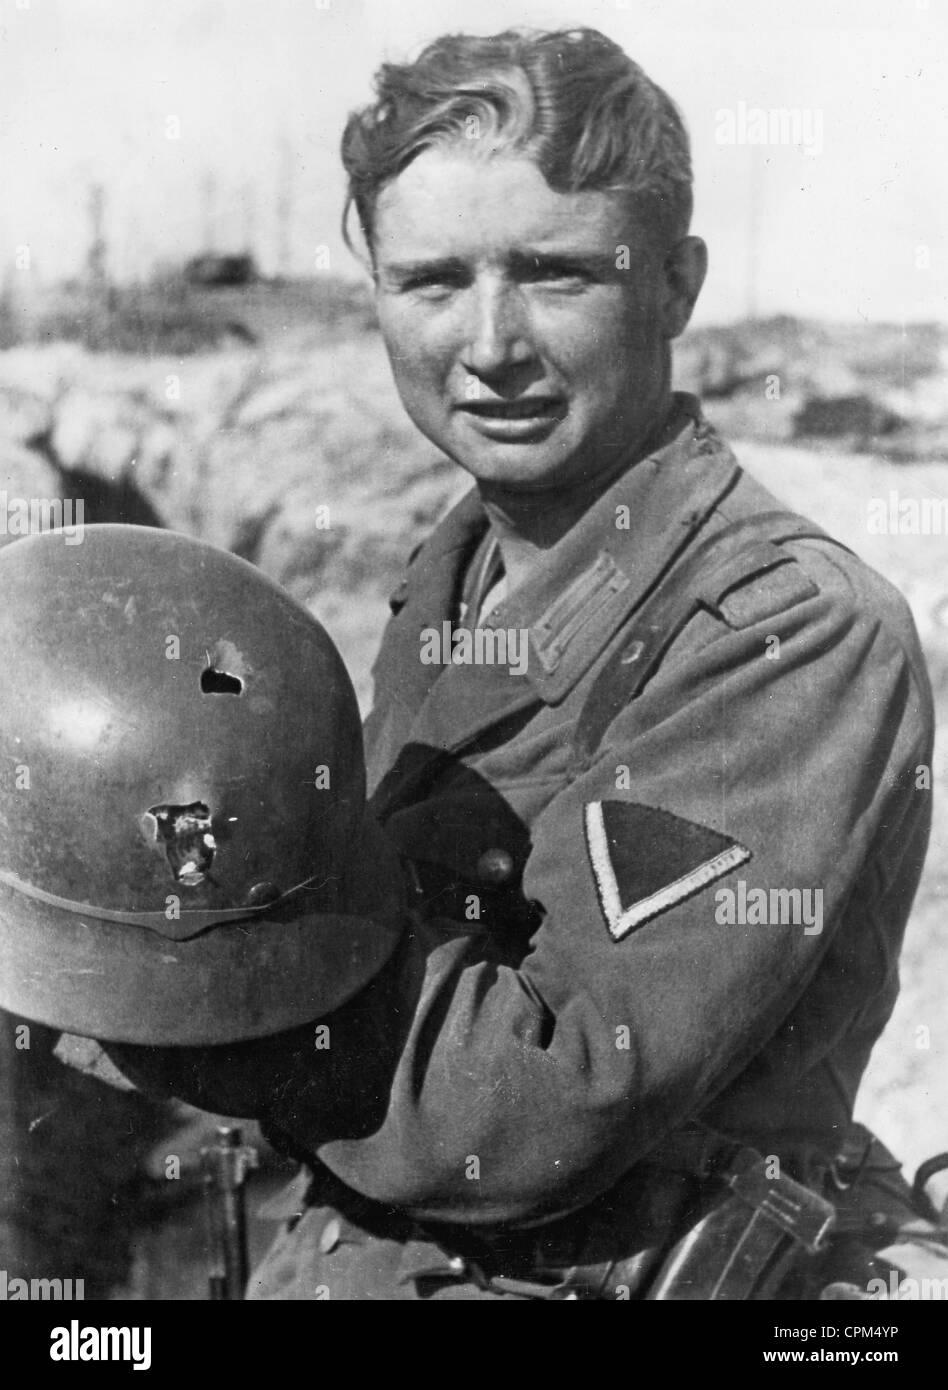 German Forces - German soldier